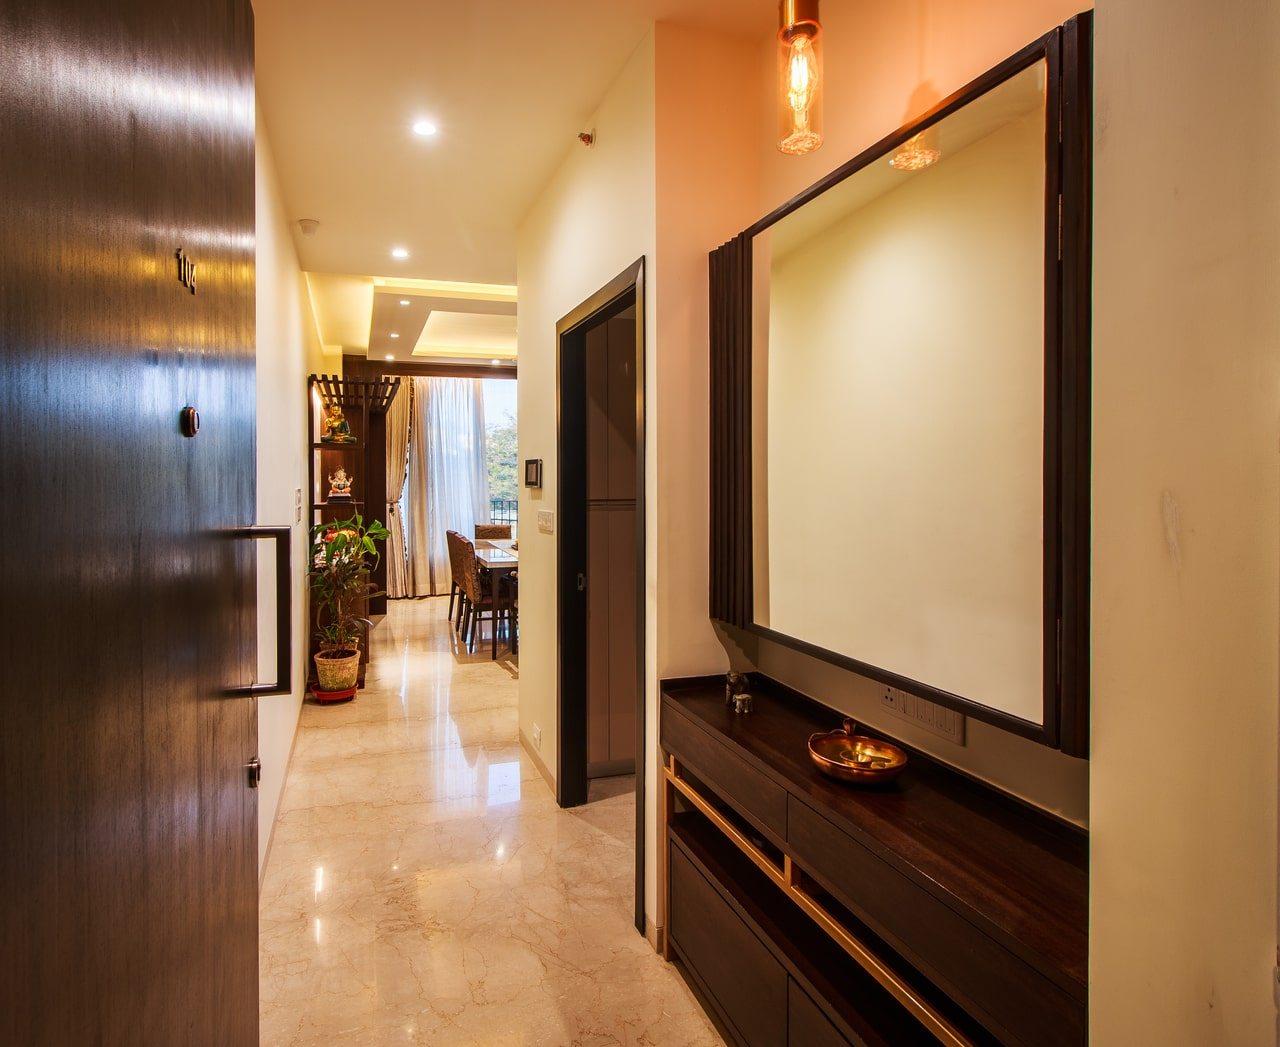 esquire-a-oberoi-realty-residence-home-interior-design-goregaon-mumbai-1